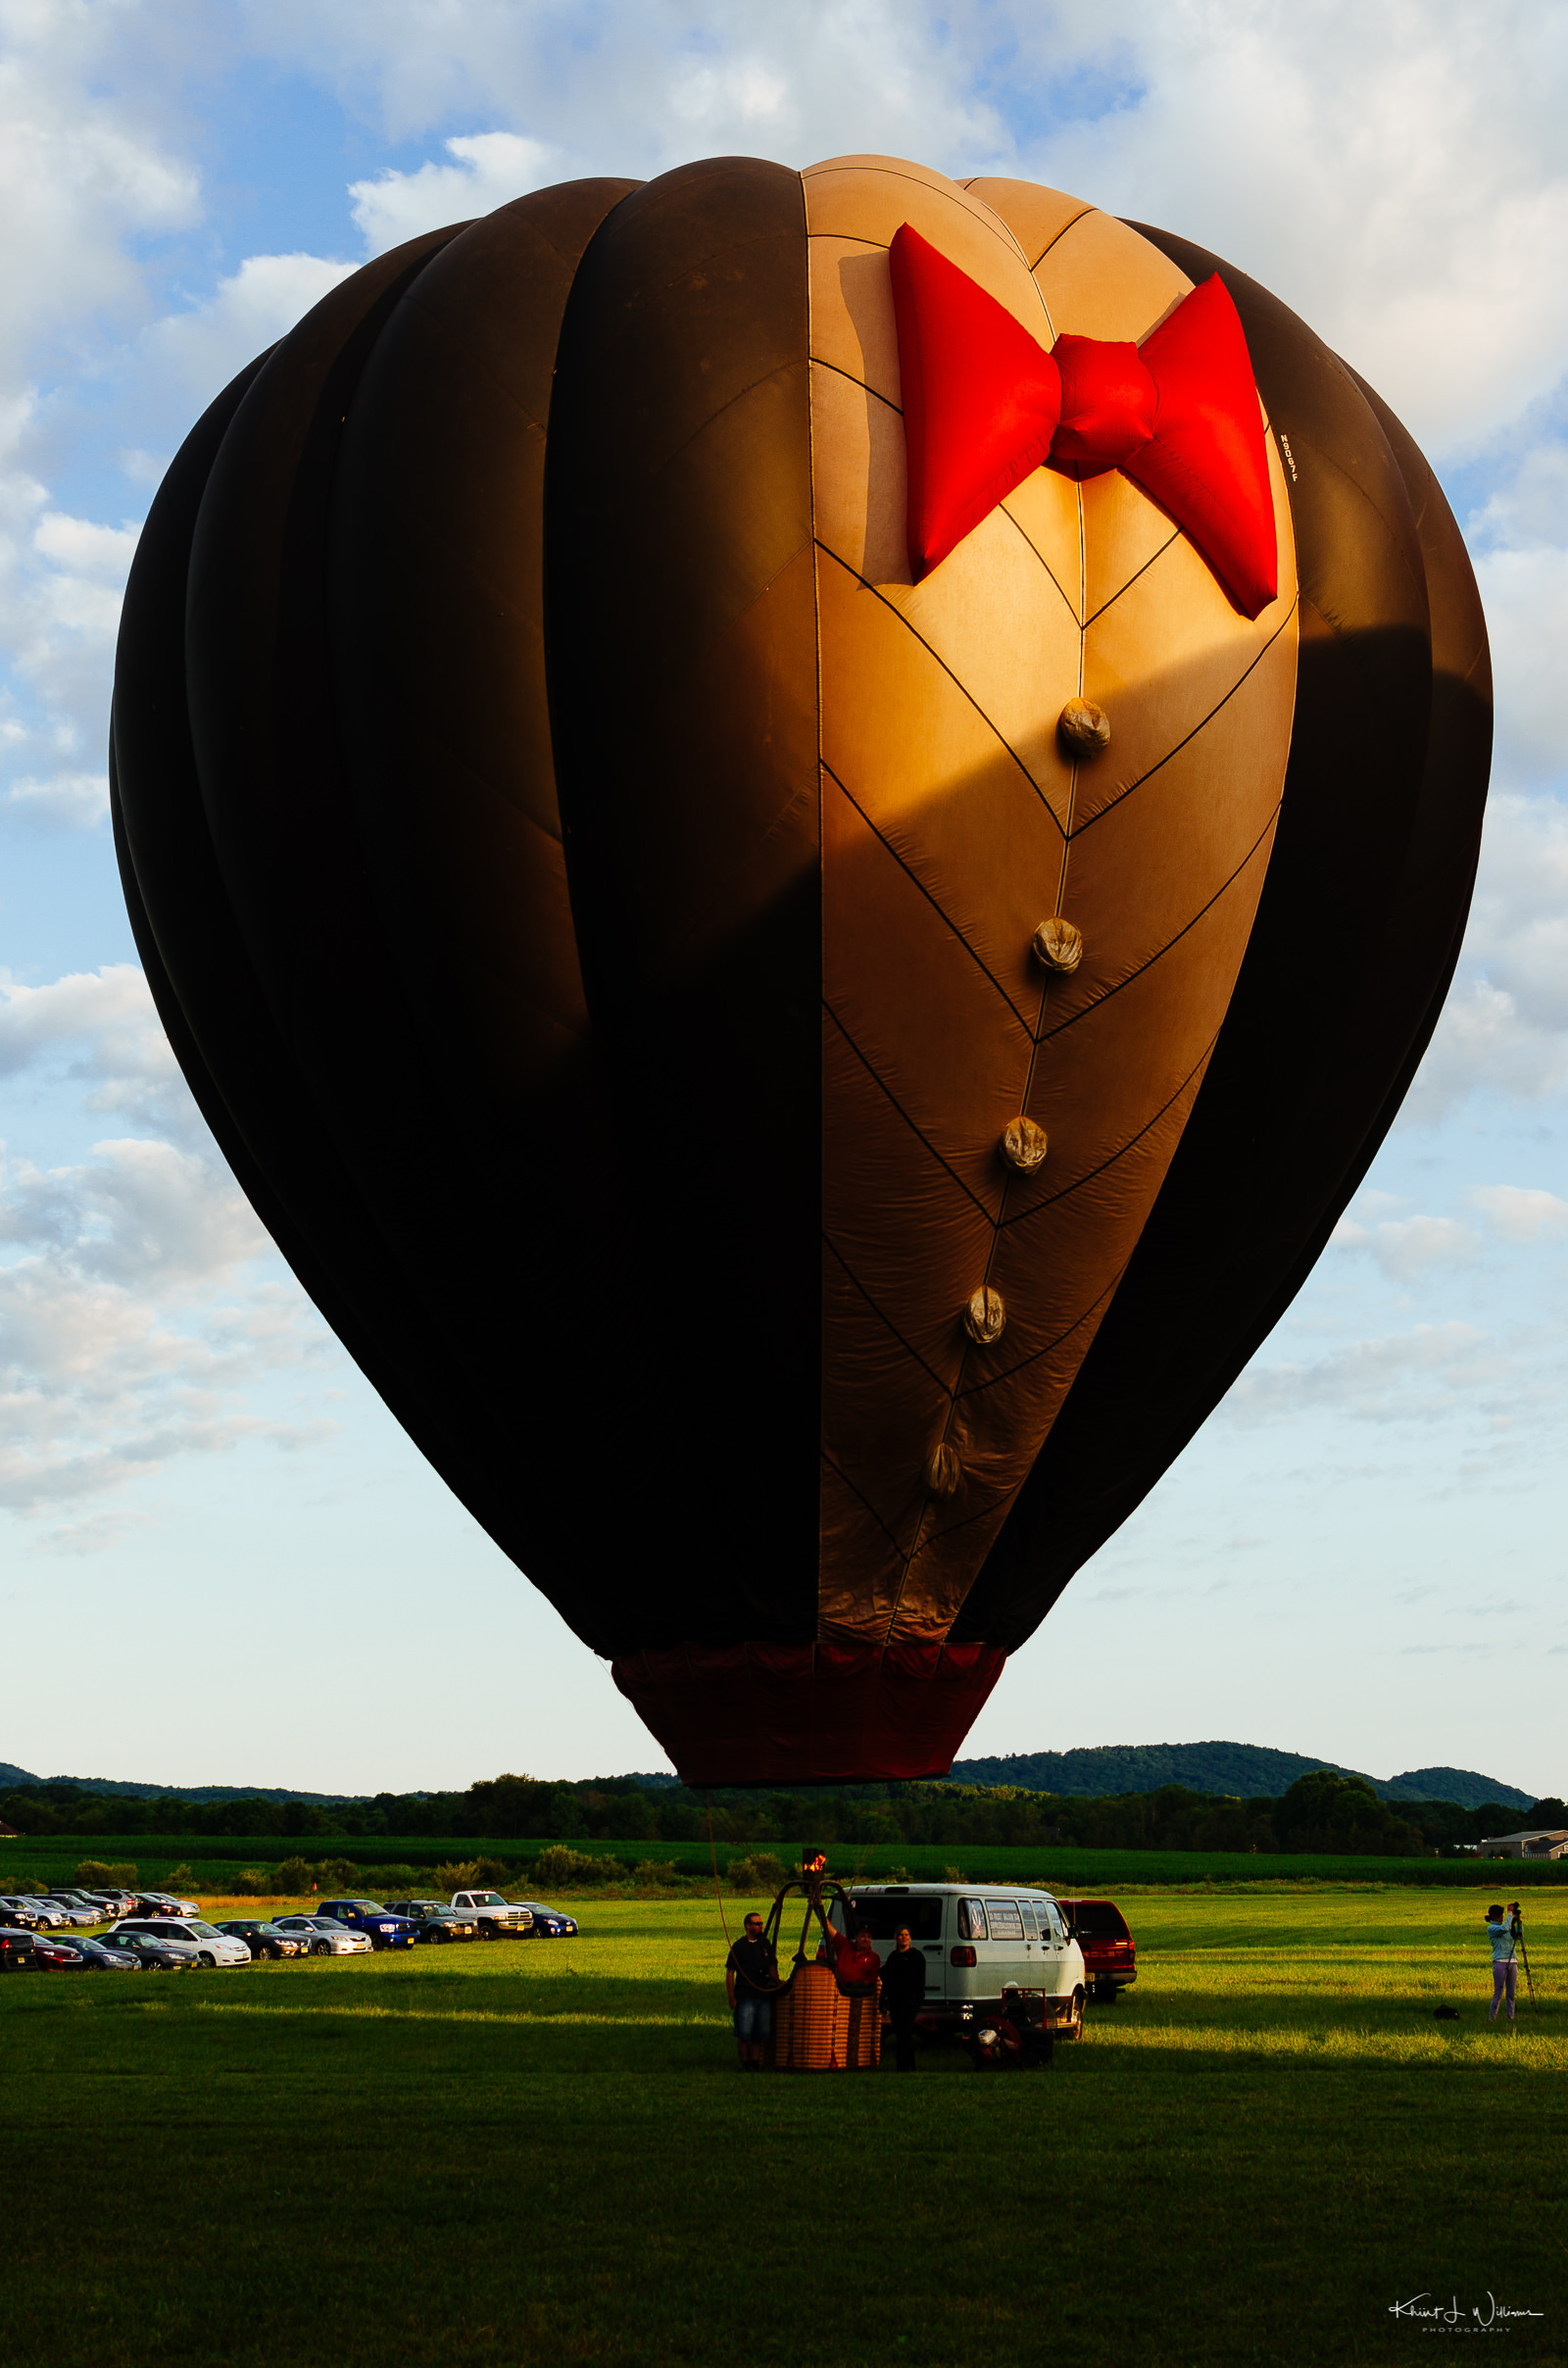 Balloon NIKON D5100 20140725 1029 2